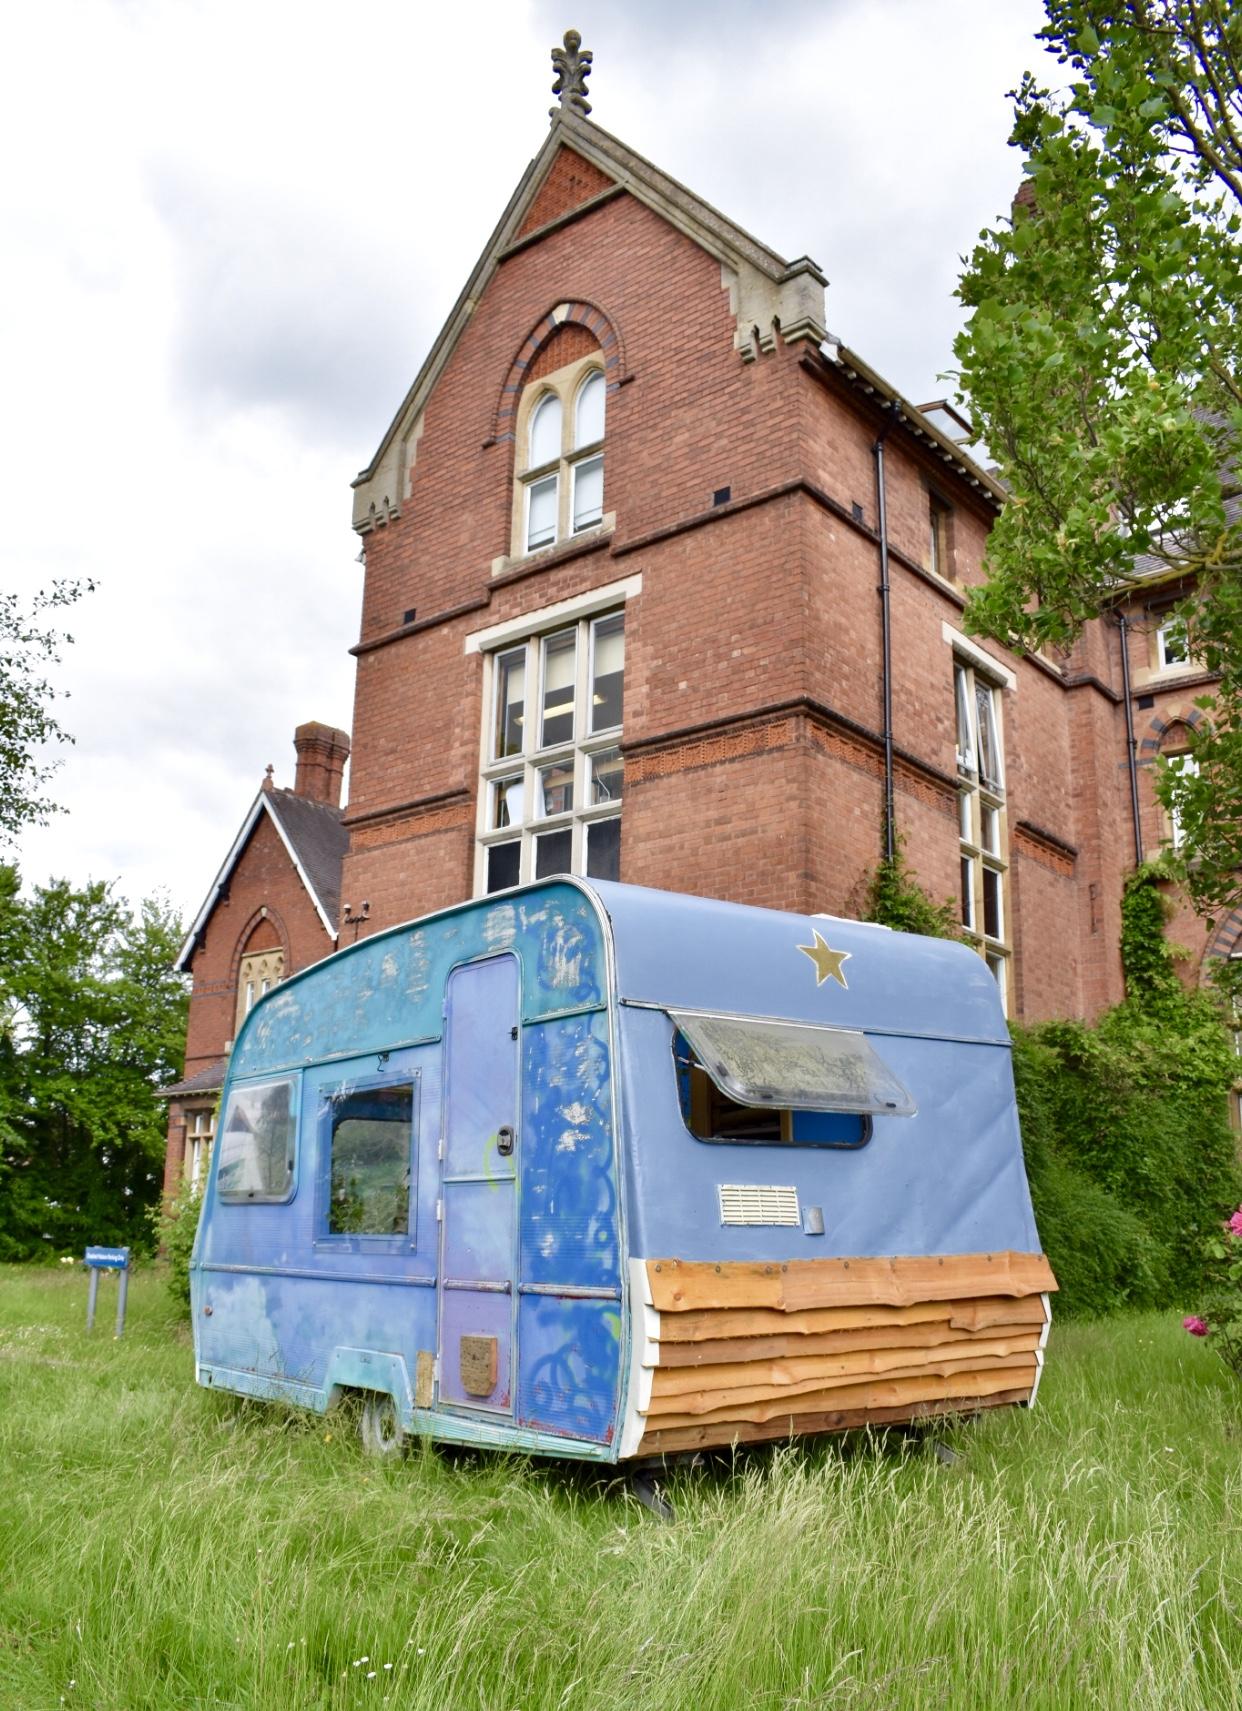 Wanderlust caravan in situ at Hereford College of Arts, May 2019.